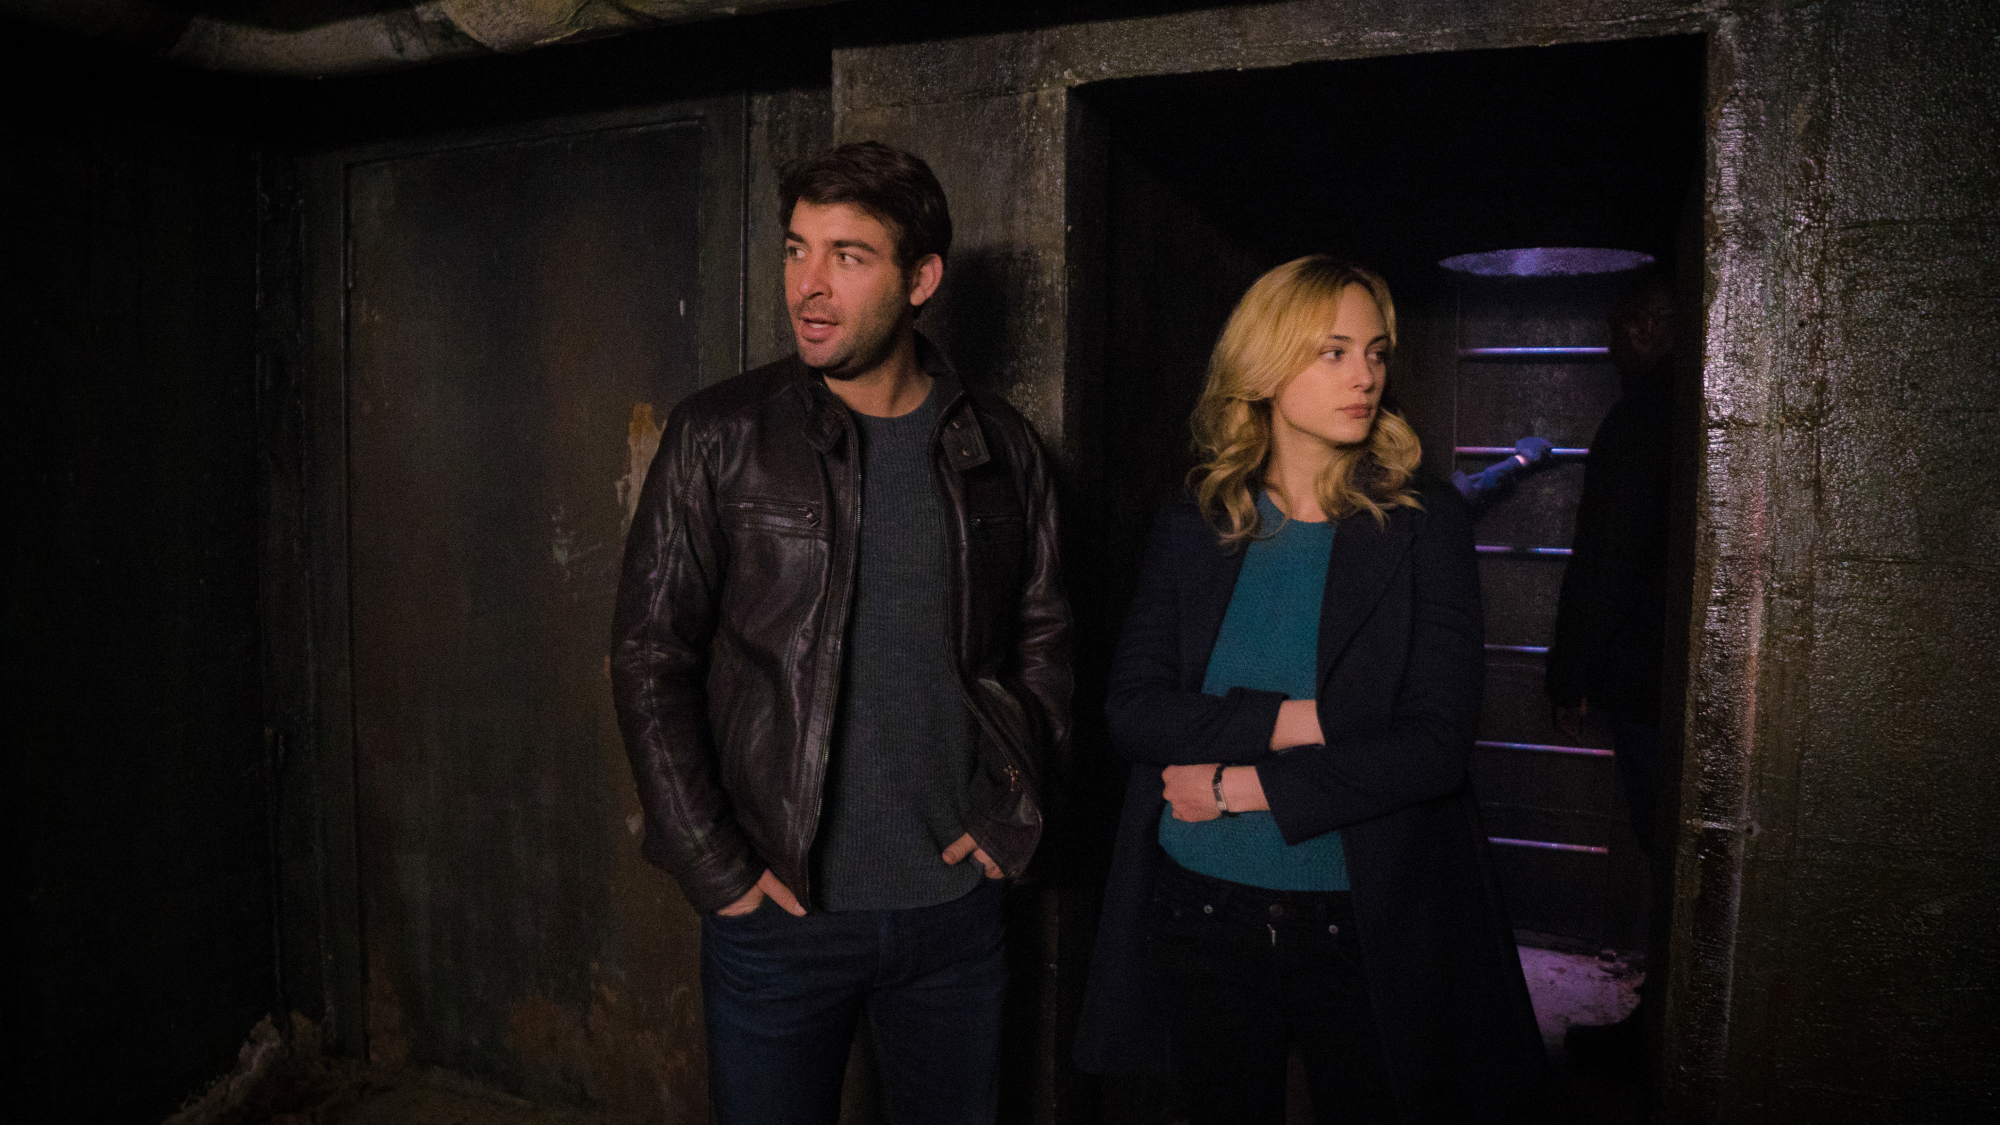 Jackson Oz and Chloe Tousignant survey the scene.